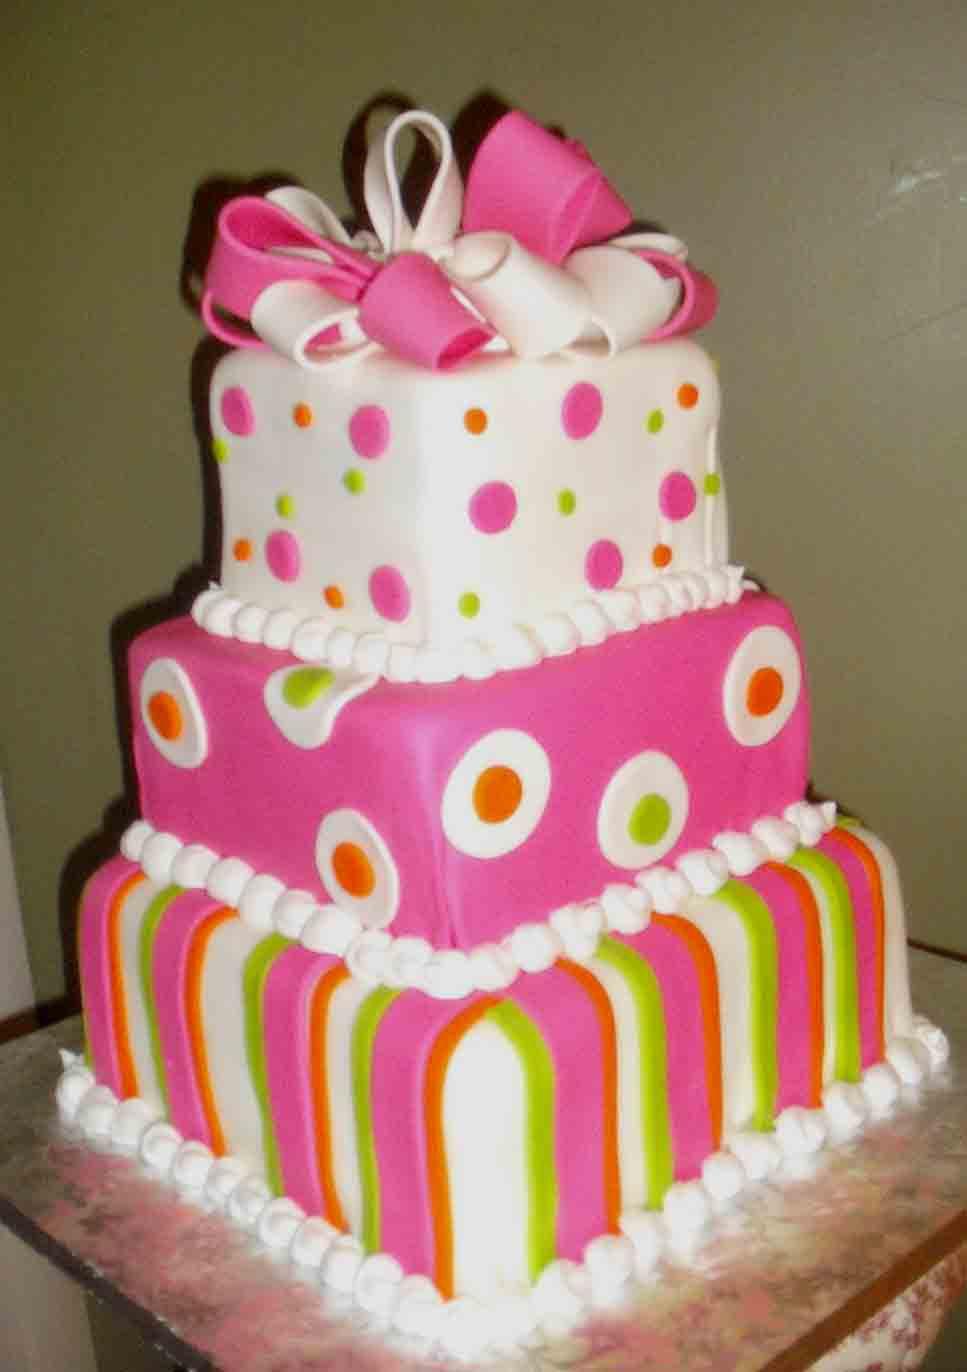 Crazy Daisy Cakes & More